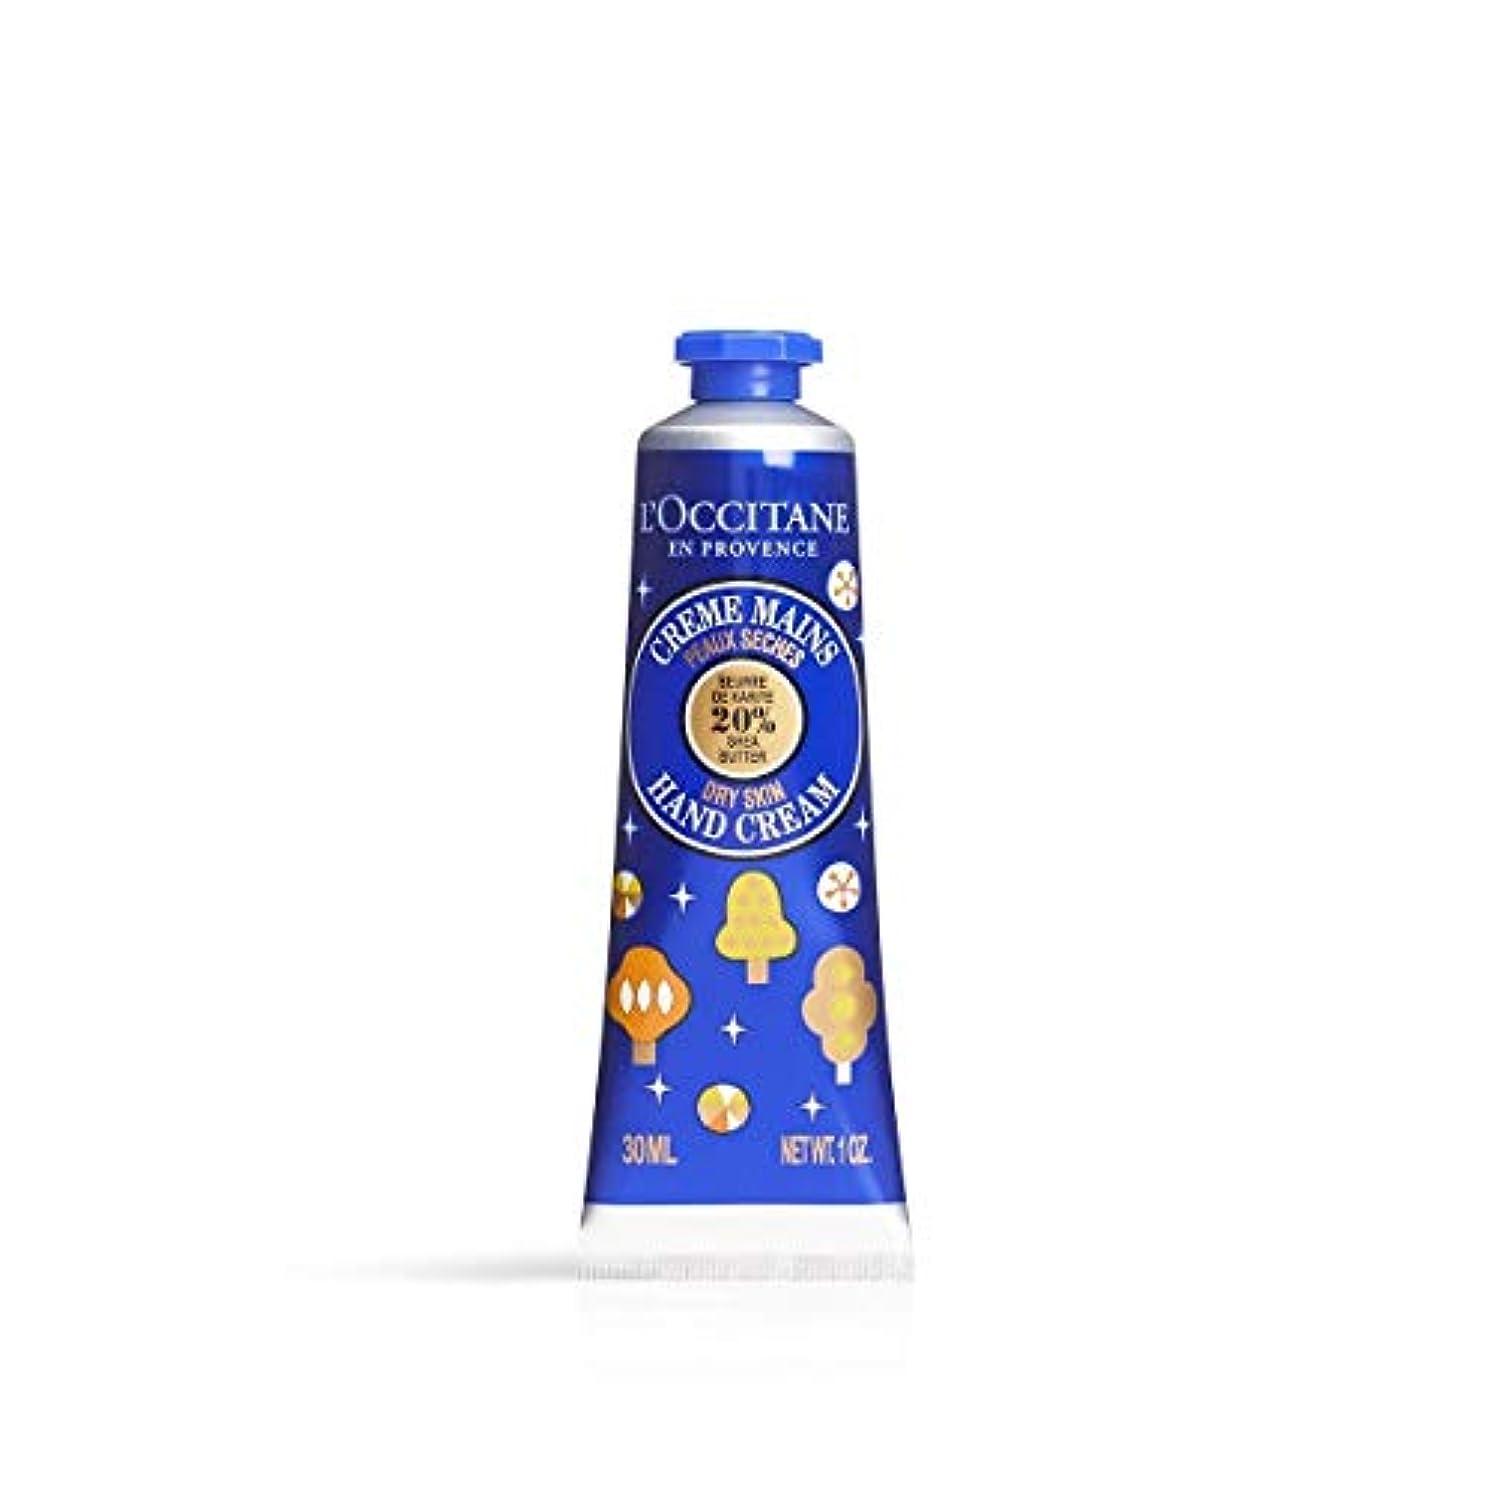 構造ディベート慈悲深いロクシタン(L'OCCITANE) クラシックシア ハンドクリーム 30ml